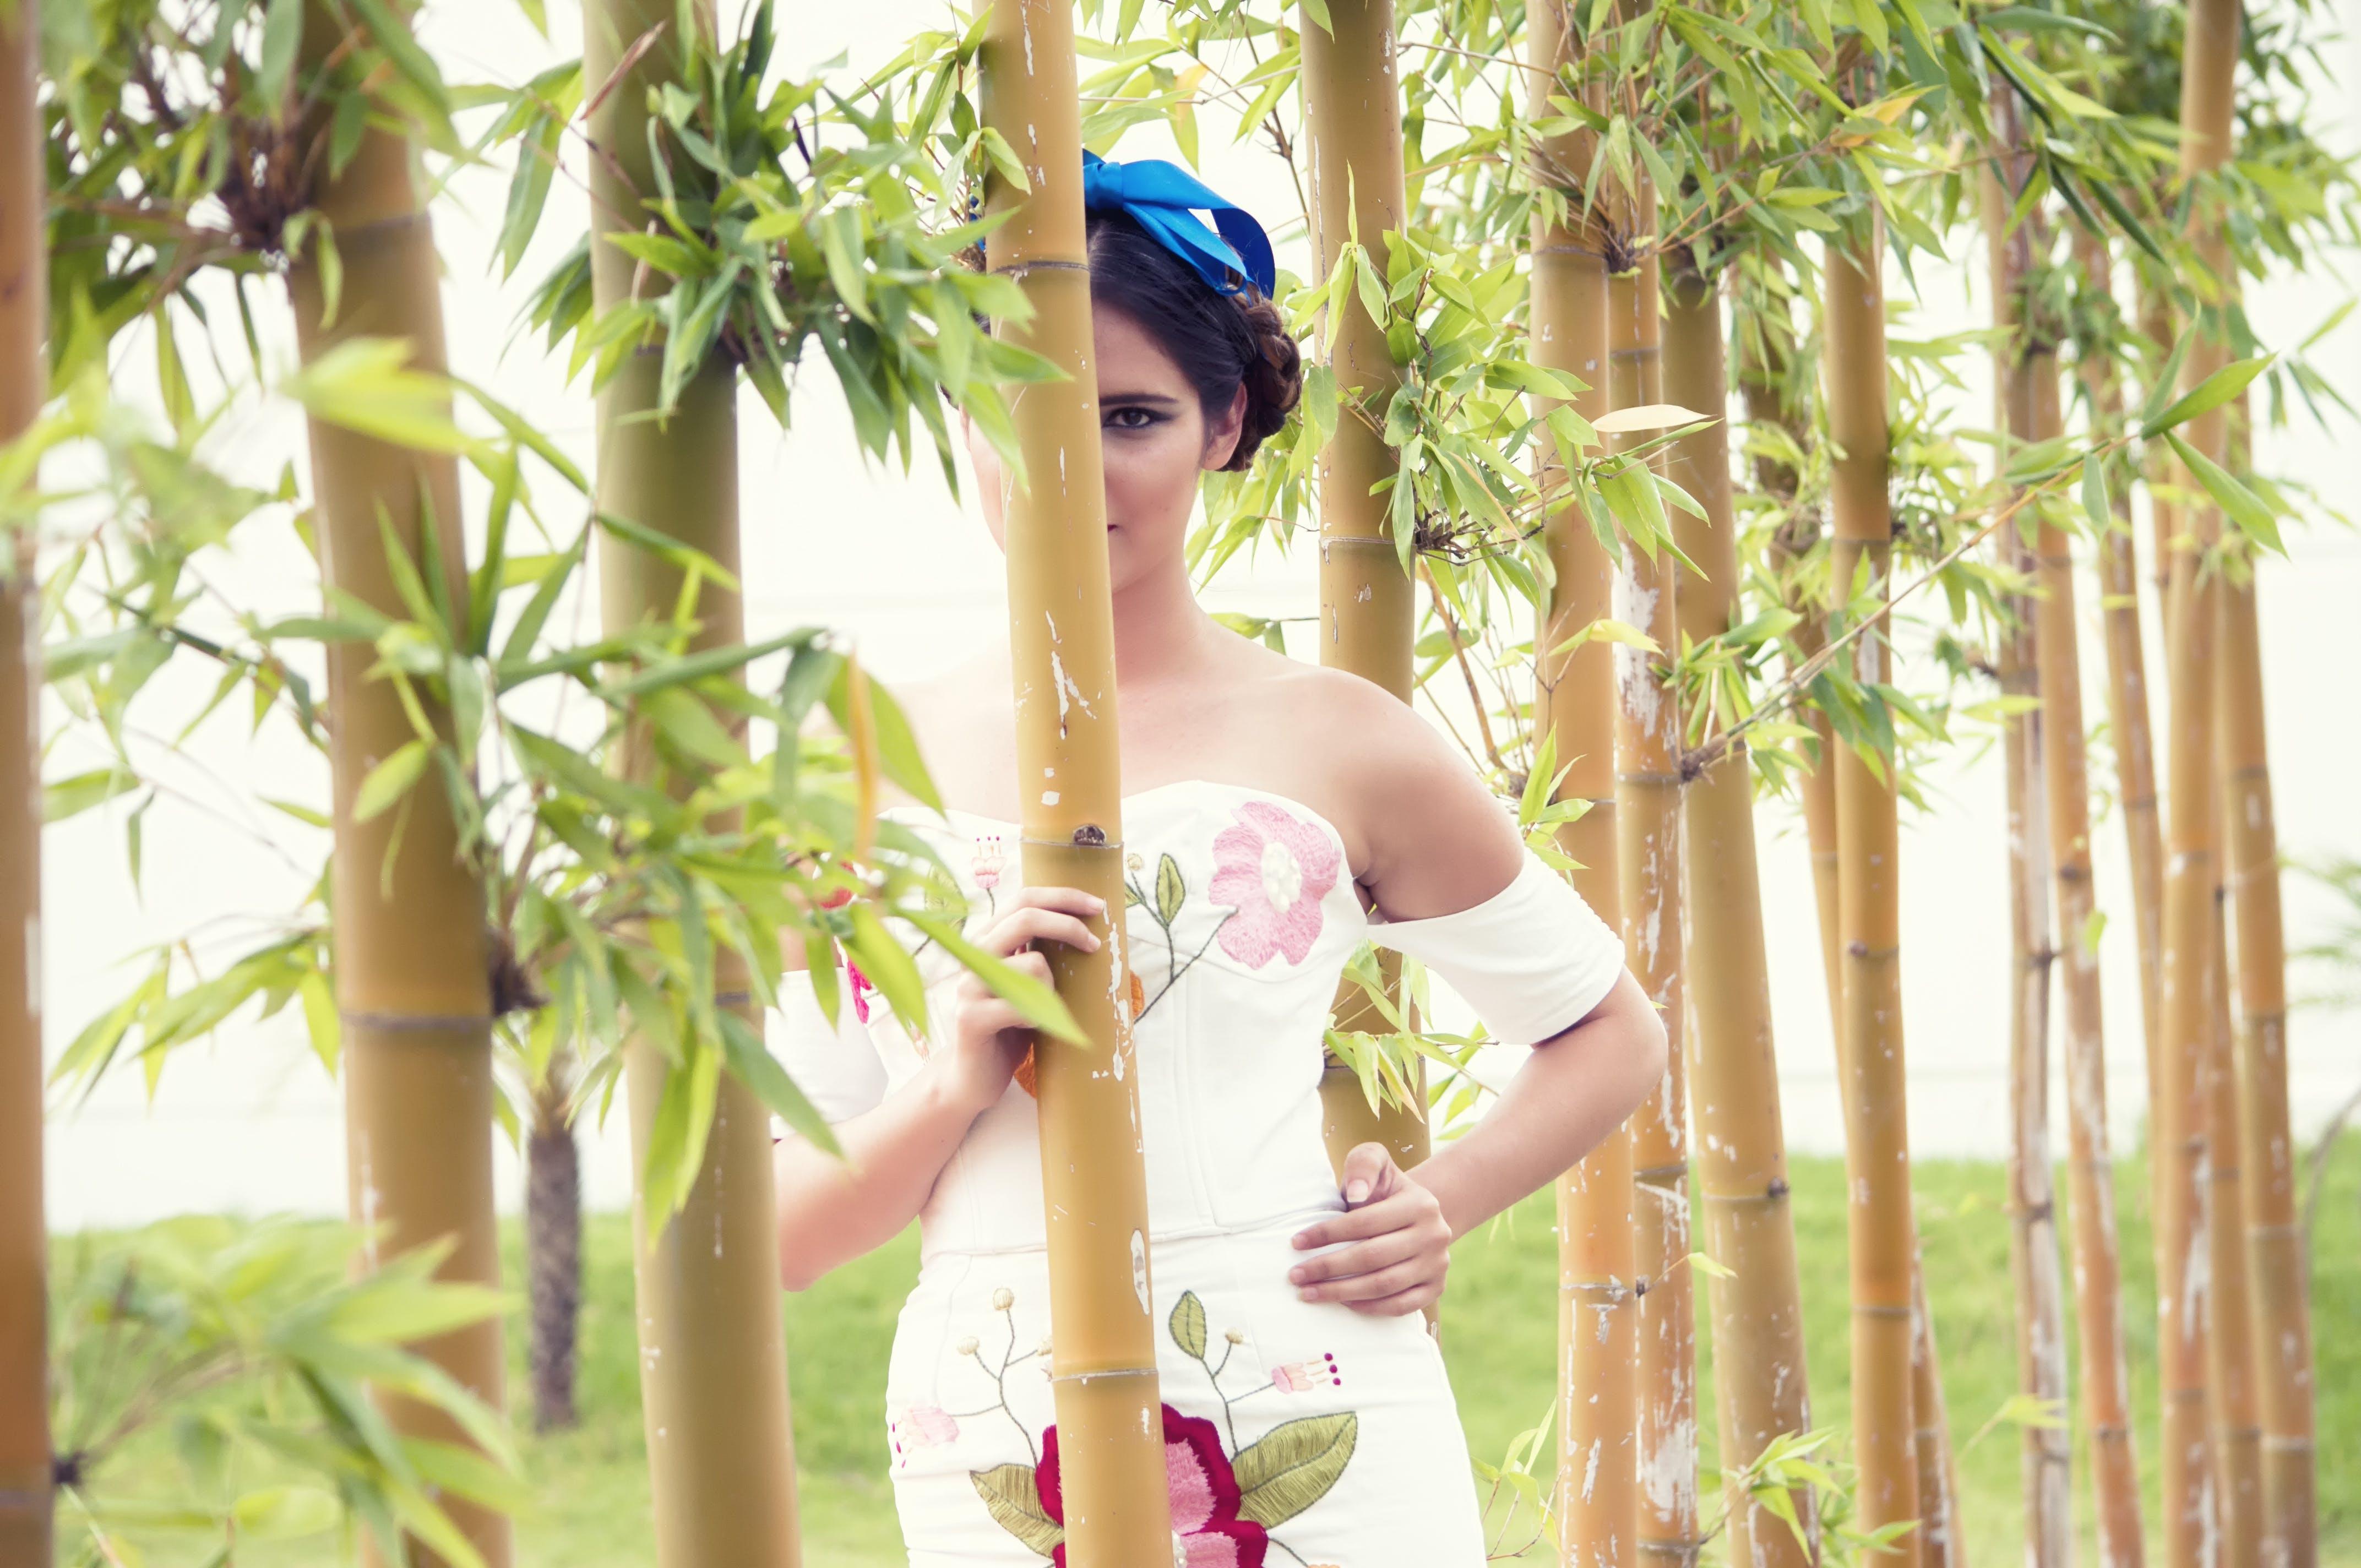 HDR, 녹색, 드레스, 모델의 무료 스톡 사진